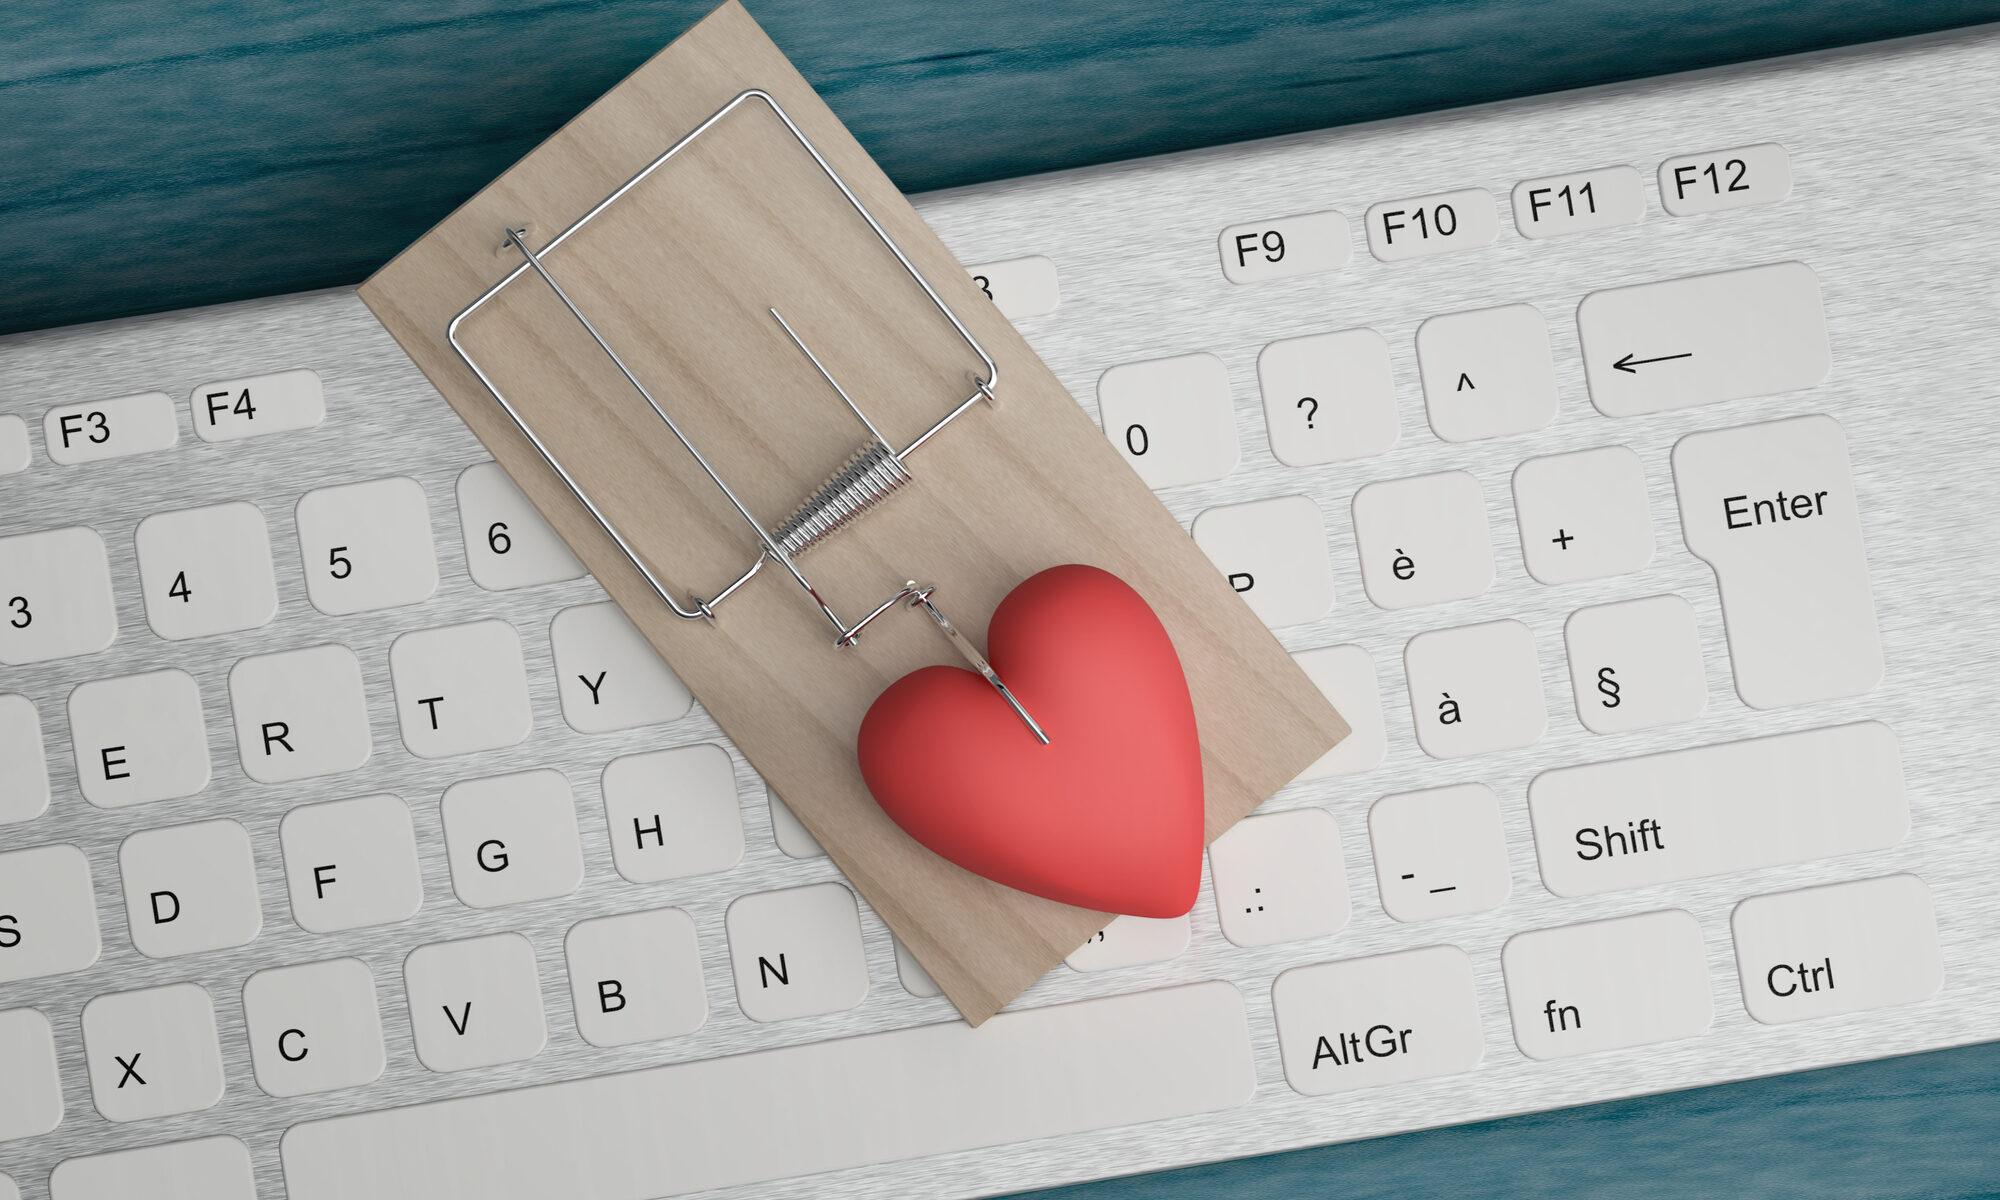 Mausefalle mit Herz liegt auf der Tastatur